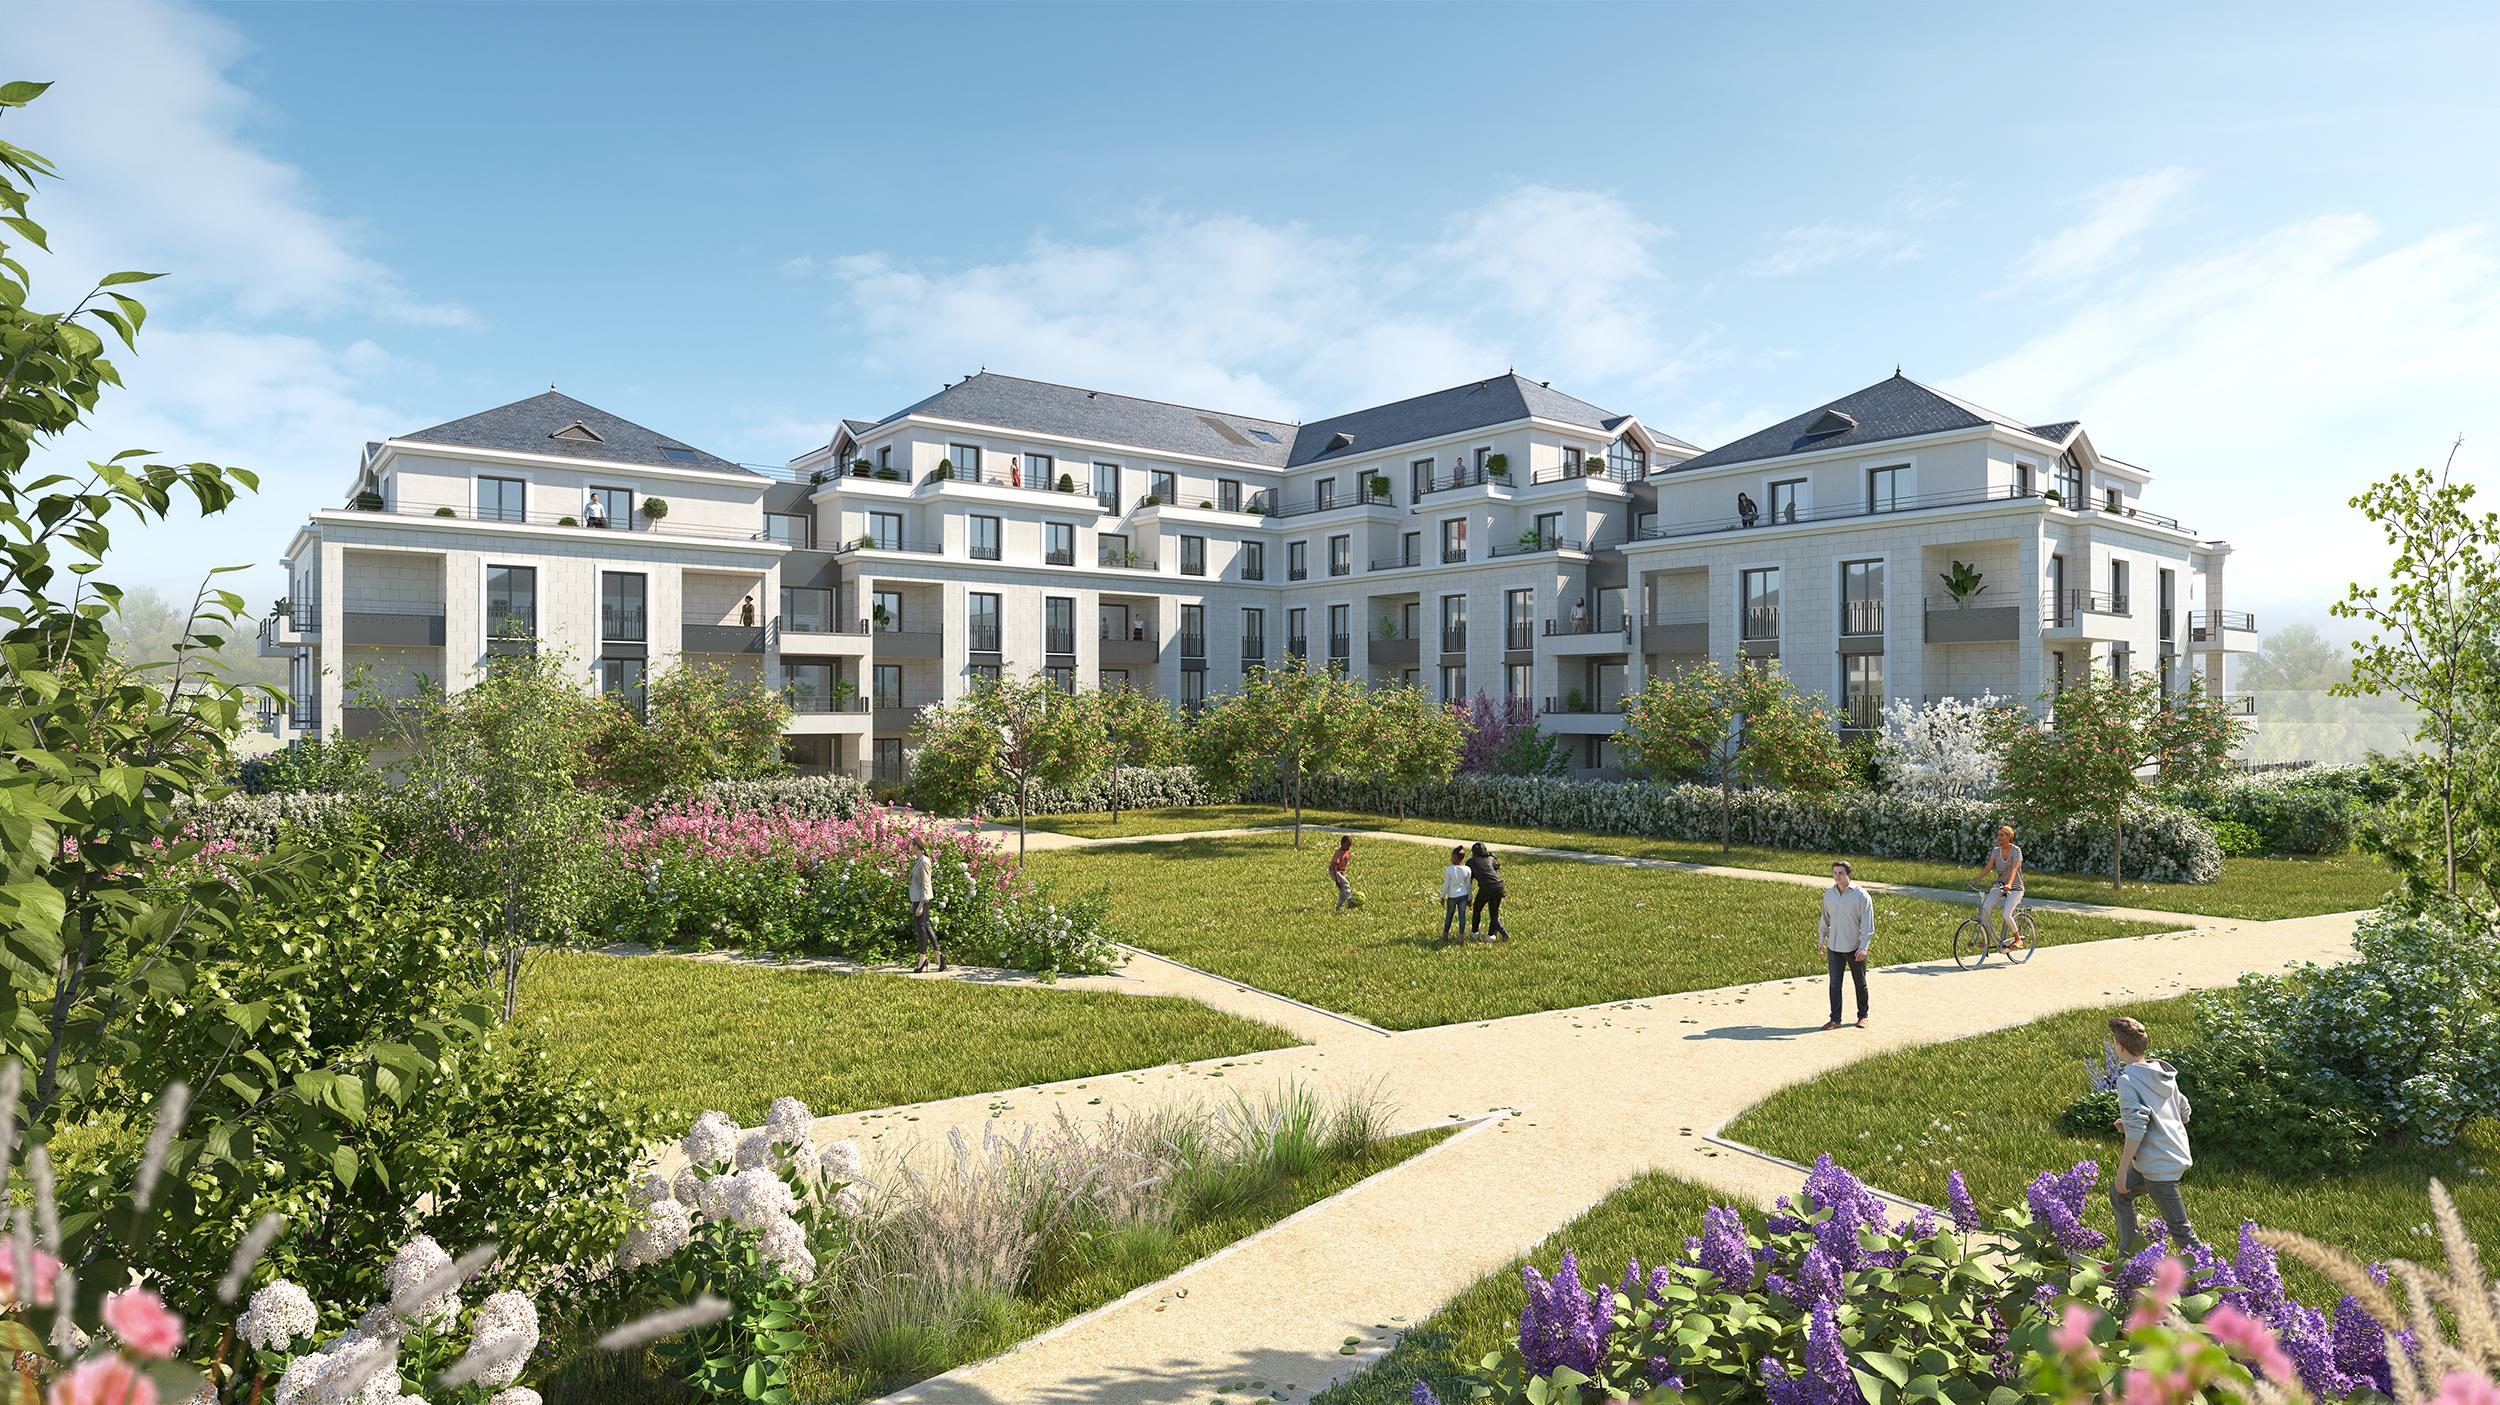 Projet architecture infographie 3D à Saint cyr sur Loire